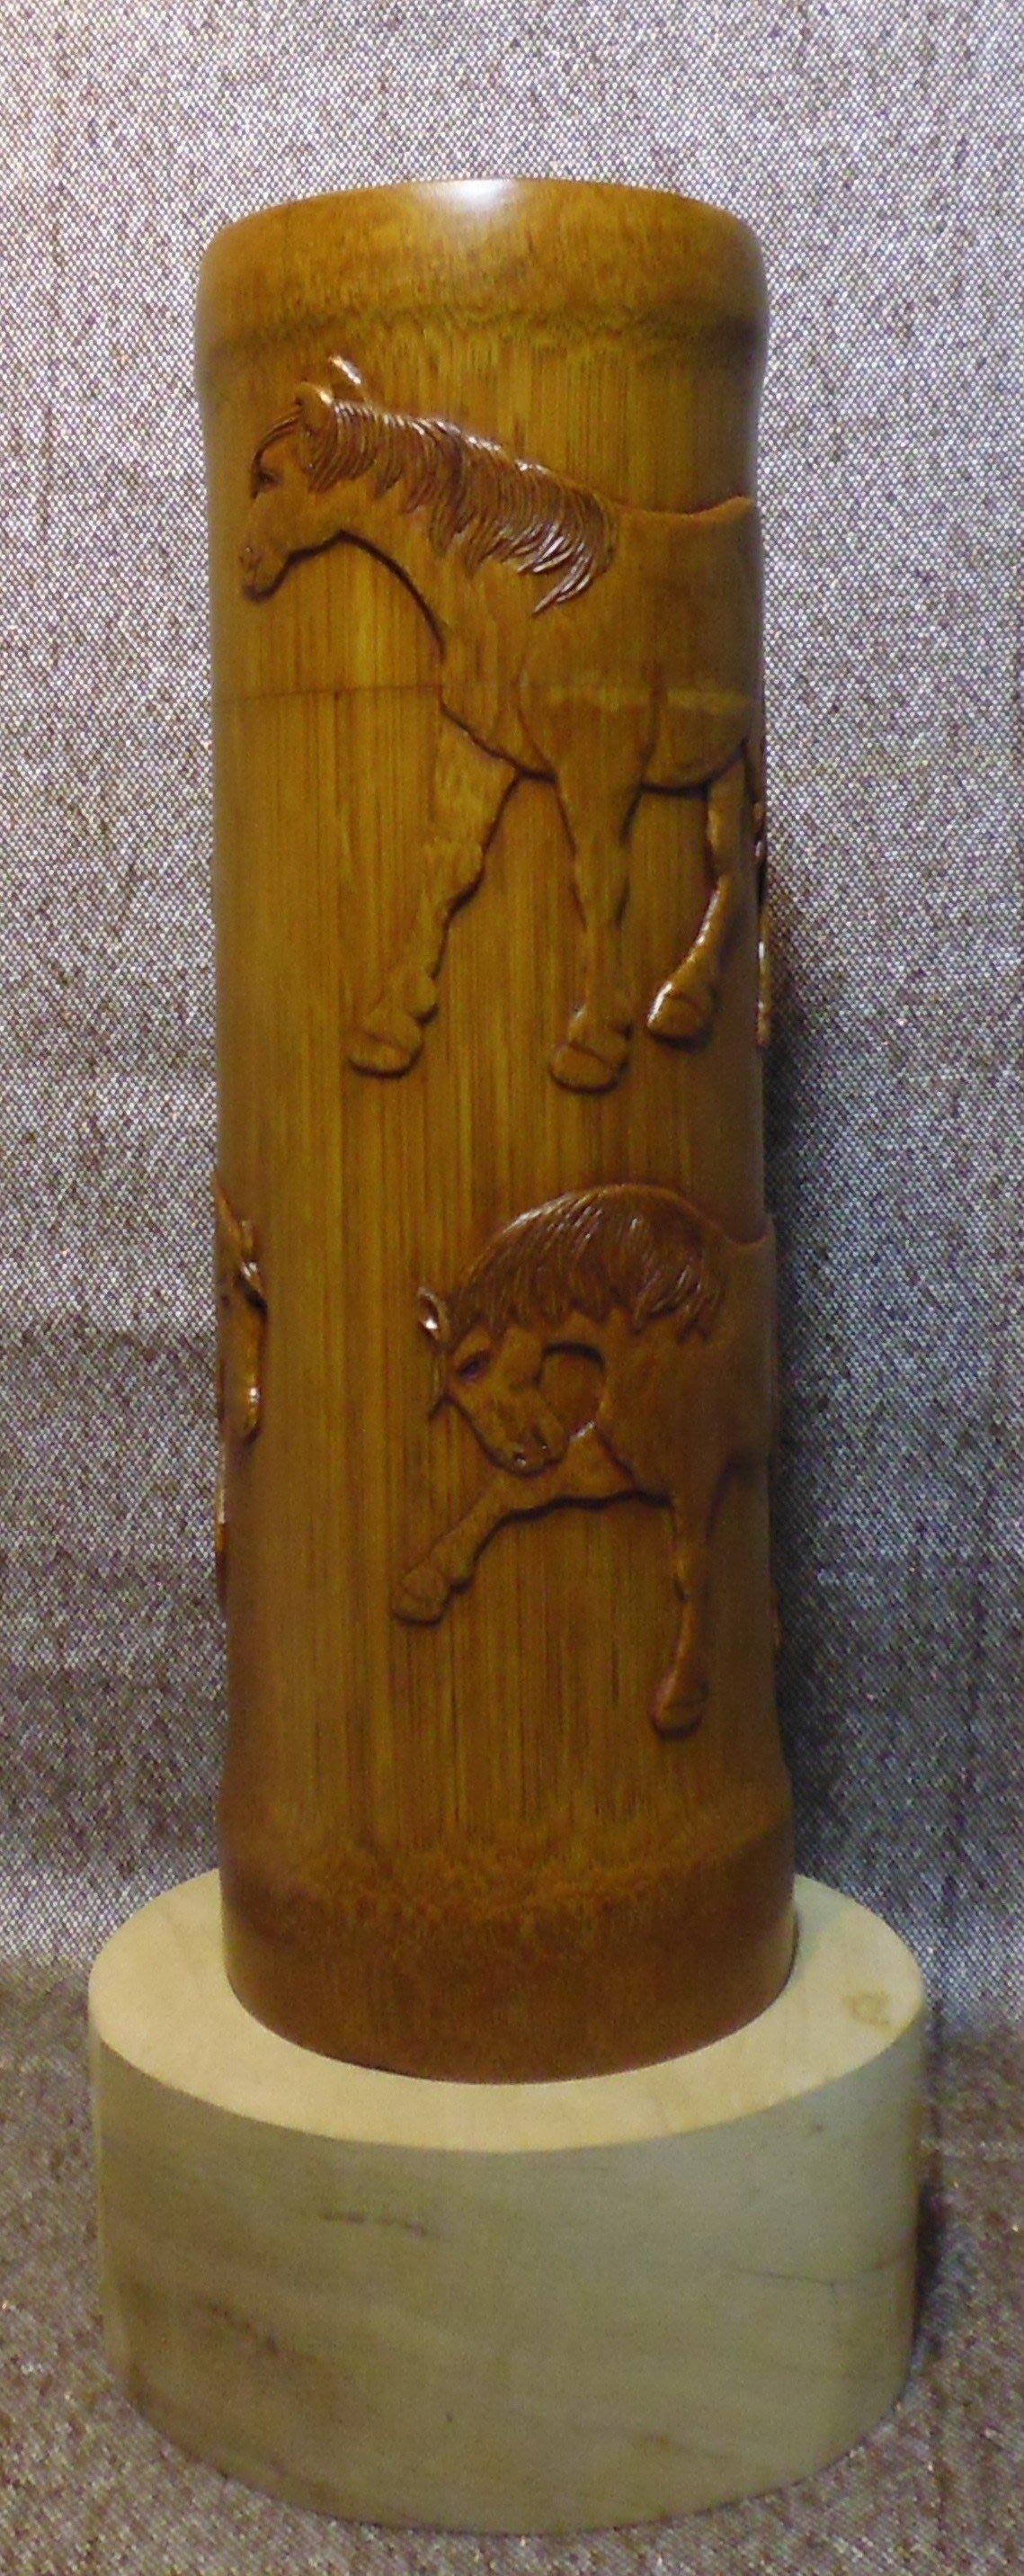 竹雕-竹刻-孟宗竹-竹罐-茶葉罐-馬-駉駉牧馬-雕刻-浮雕-薄地陽文工坊-高26cm徑9x8.5cm